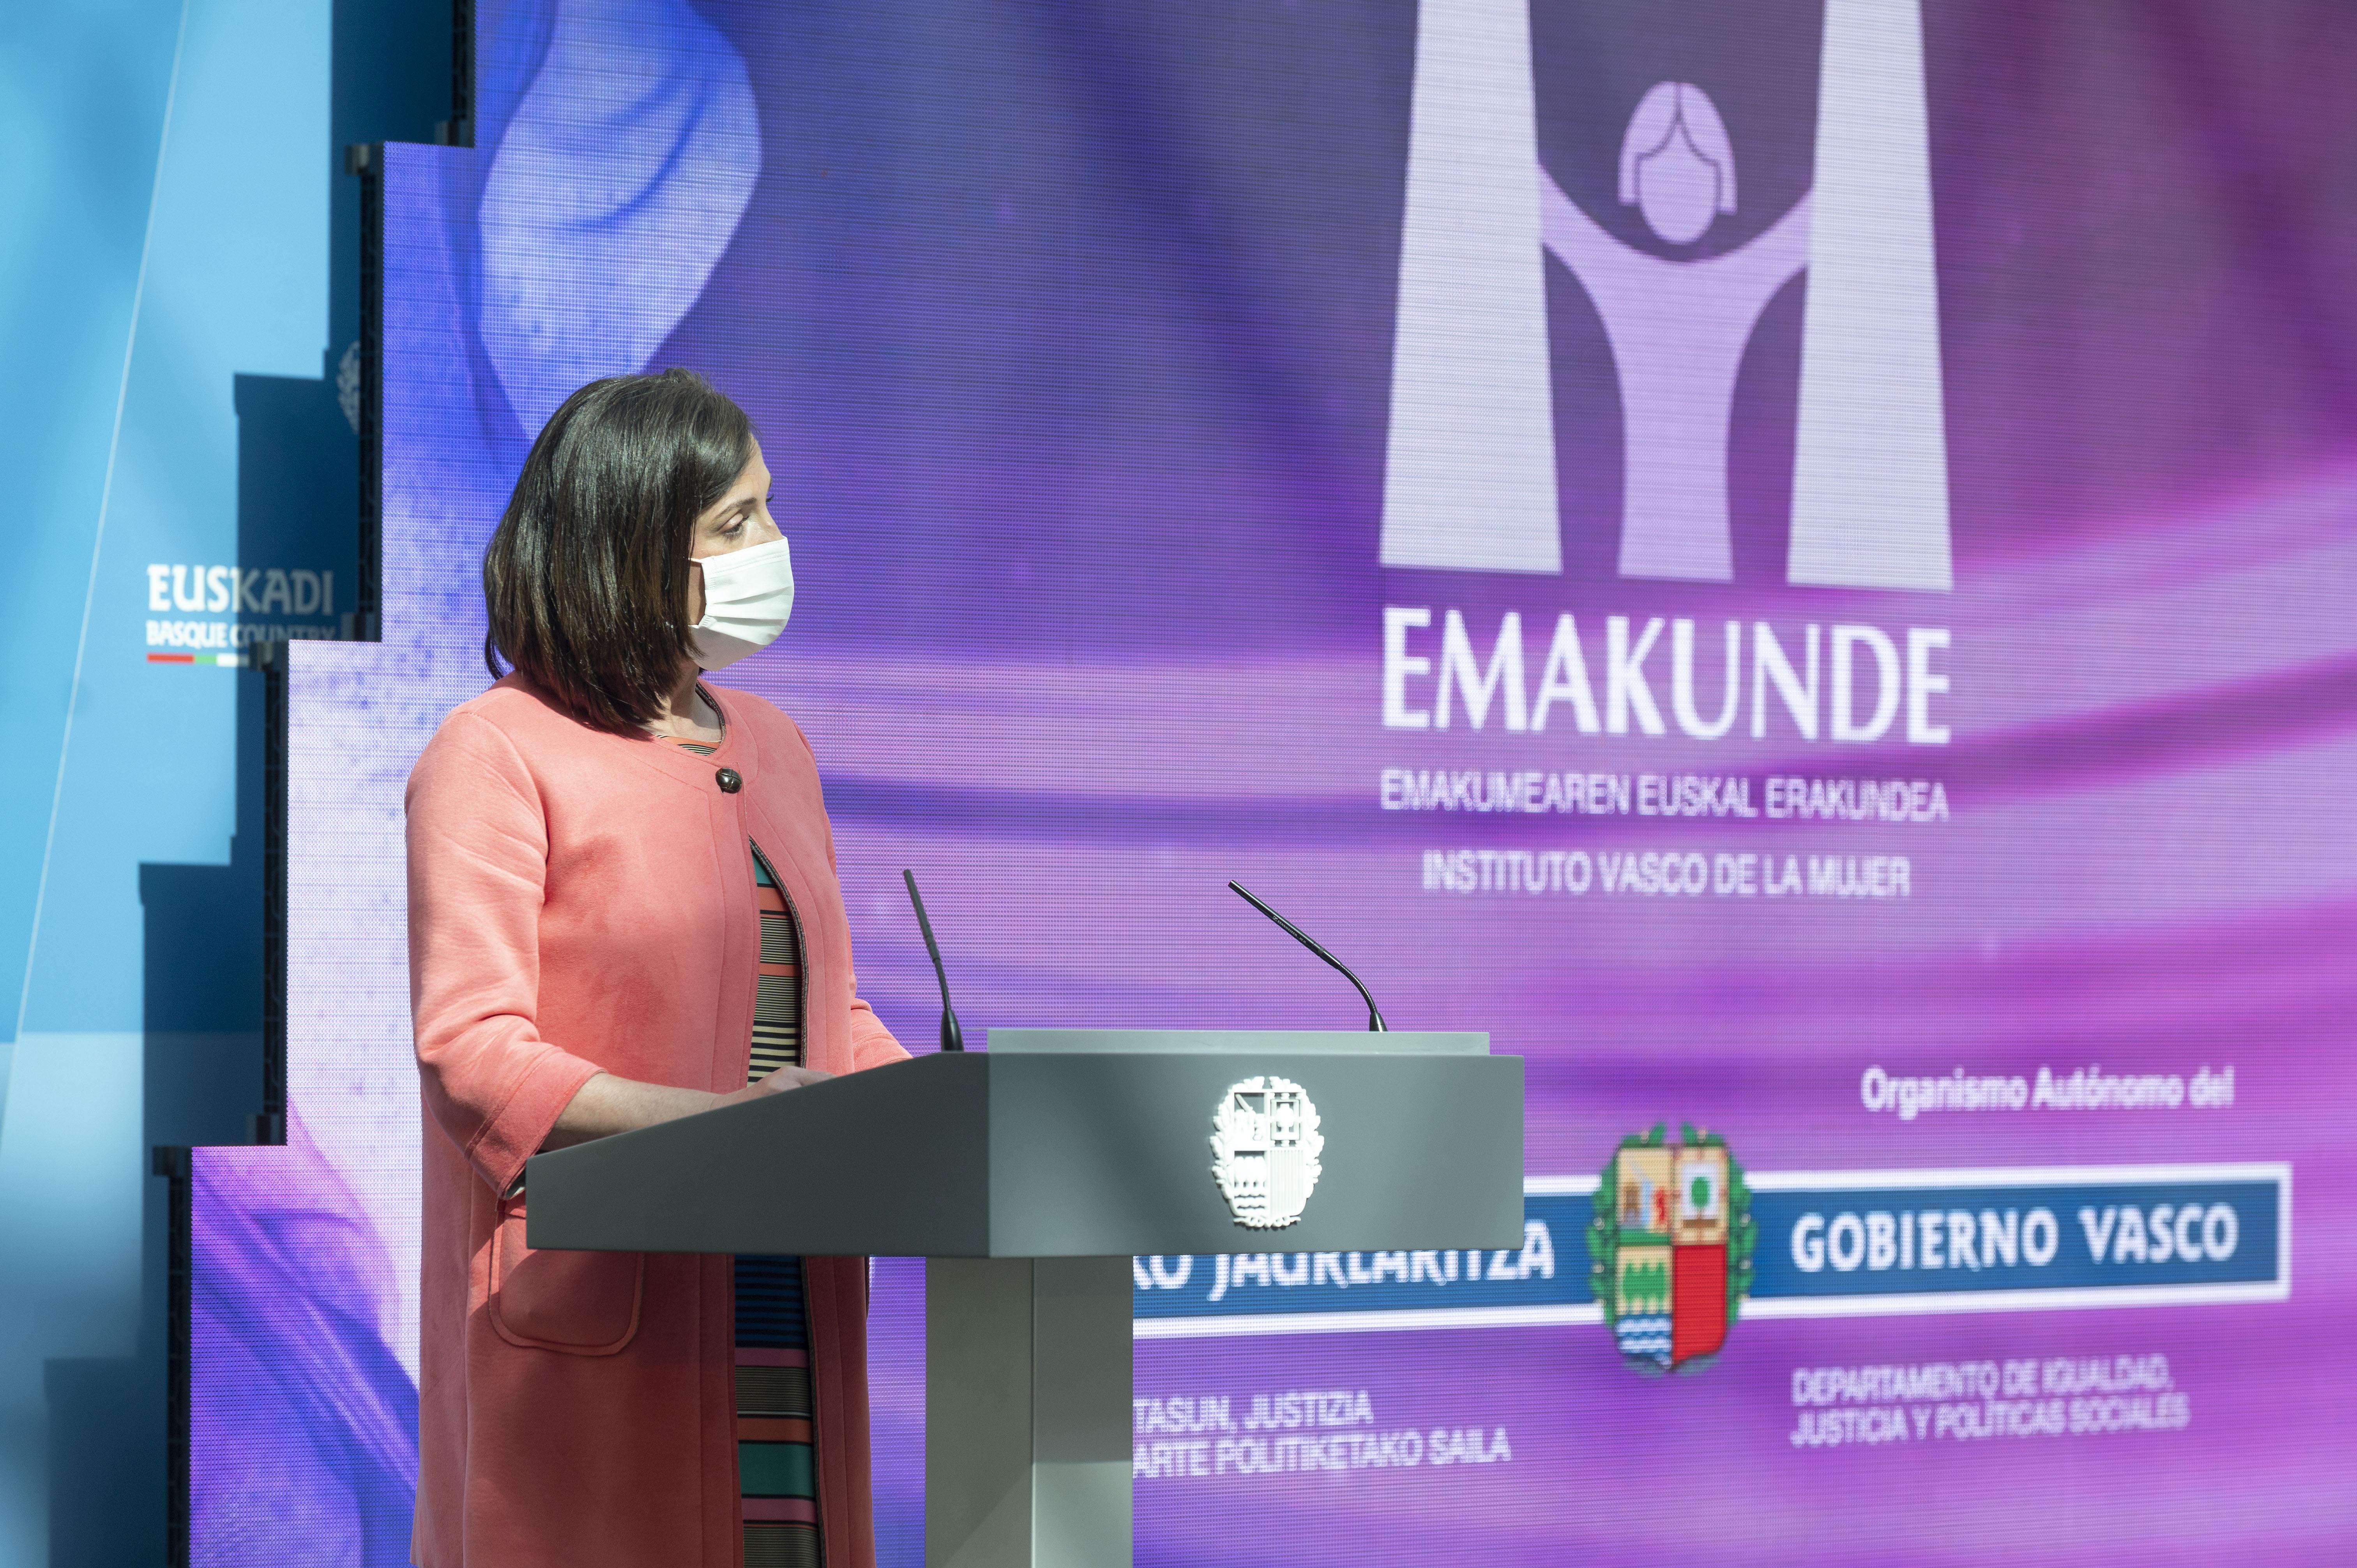 2021_04_19_lhk_premio_emakunde_05.jpg